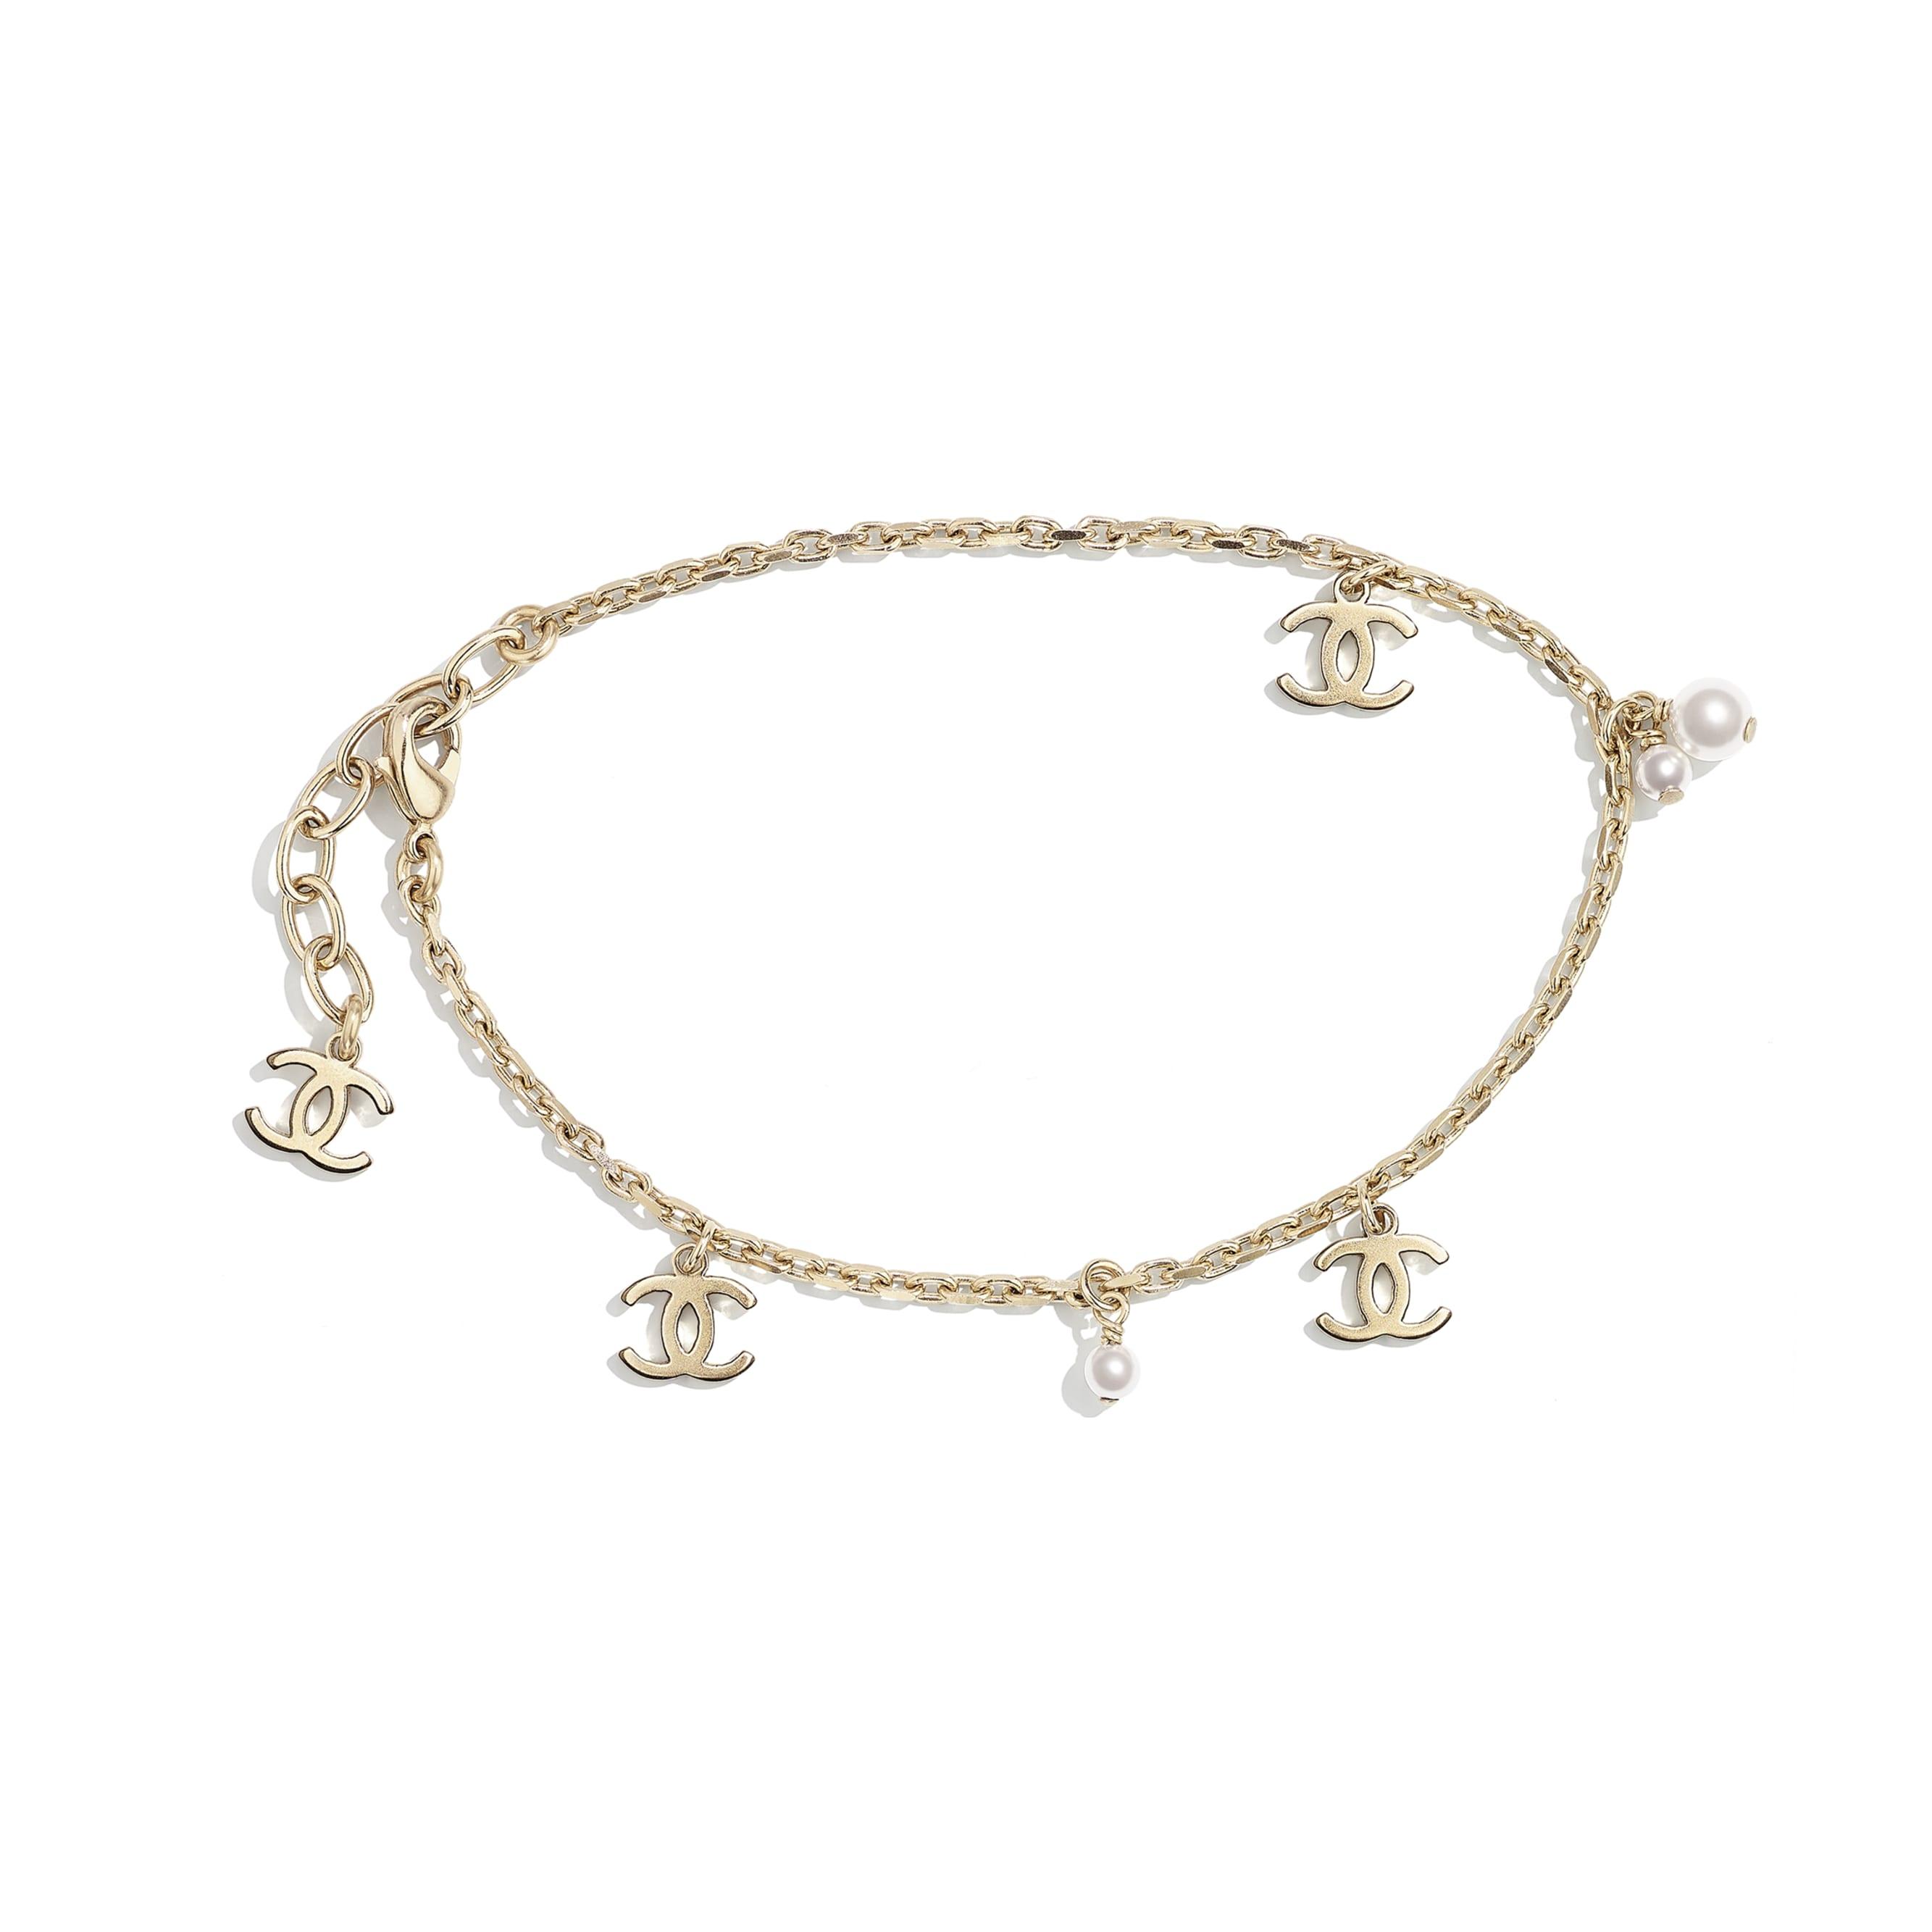 Bracelet de cheville - Doré & blanc nacré - Métal & perles de verre - CHANEL - Vue par défaut - voir la version taille standard